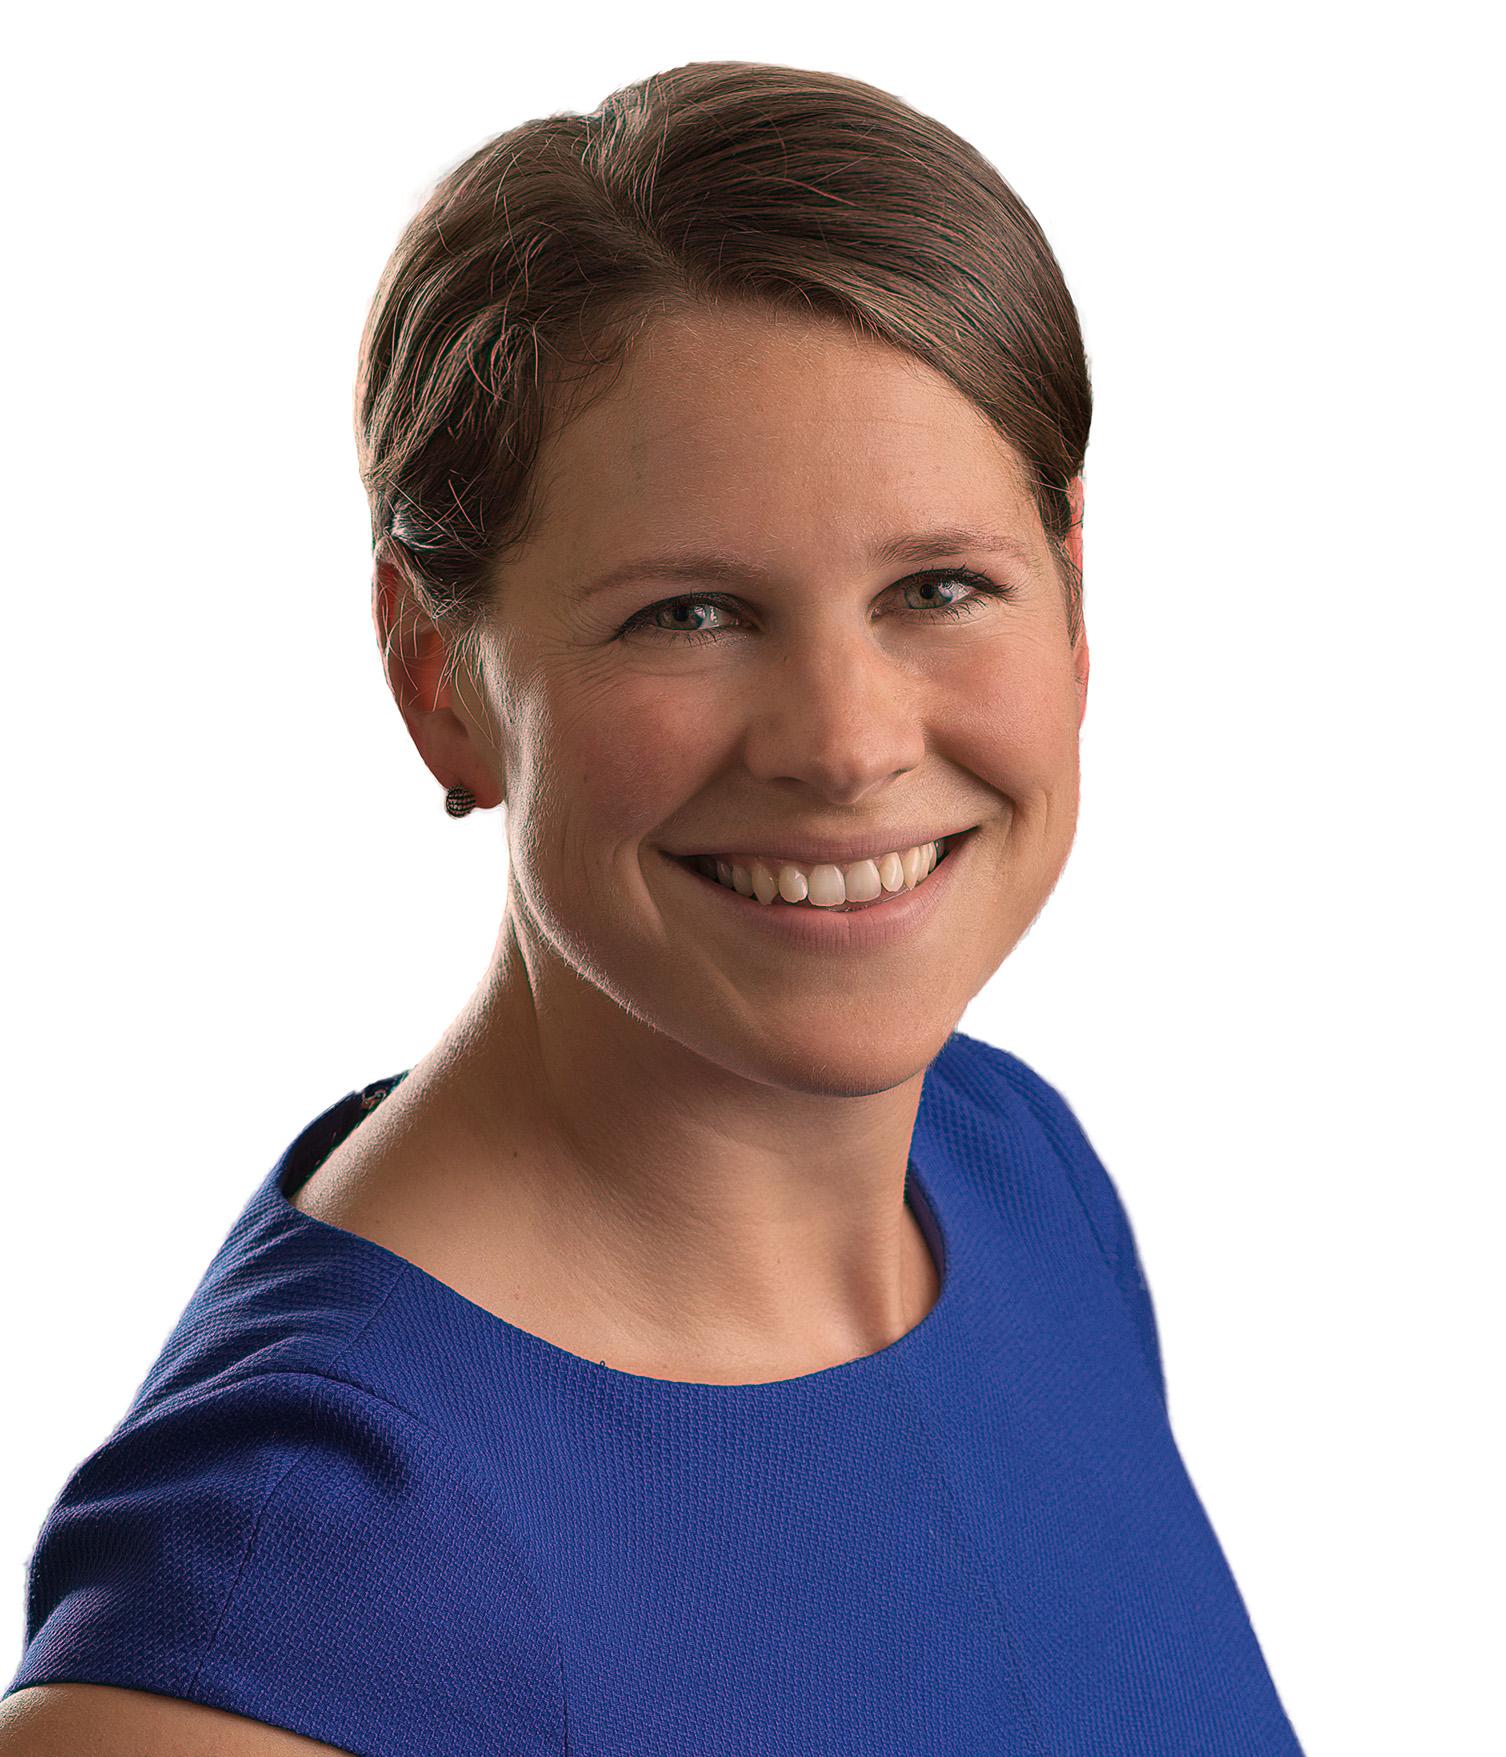 Rebekah MacNeill